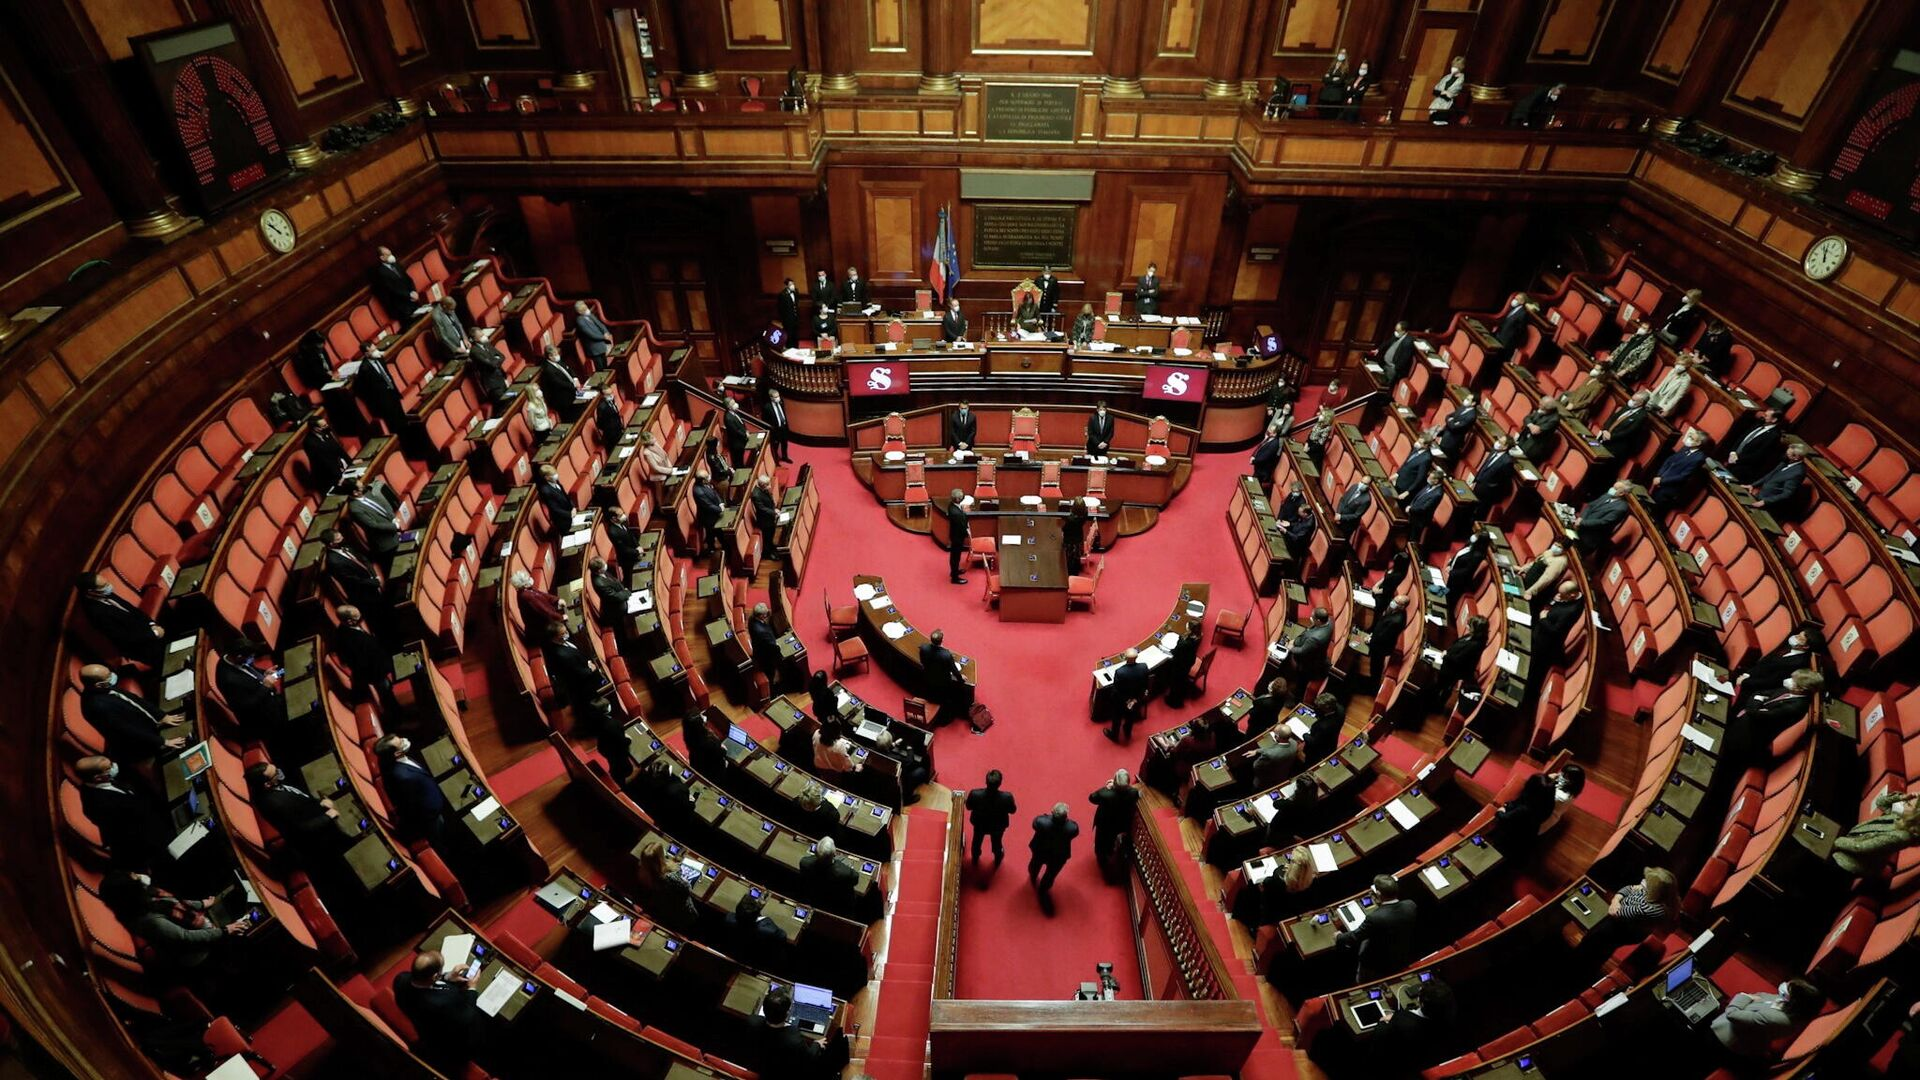 El Parlamento italiano guardando un minuto de silencio en memoria del embajador Luca Attanasio - Sputnik Mundo, 1920, 24.02.2021